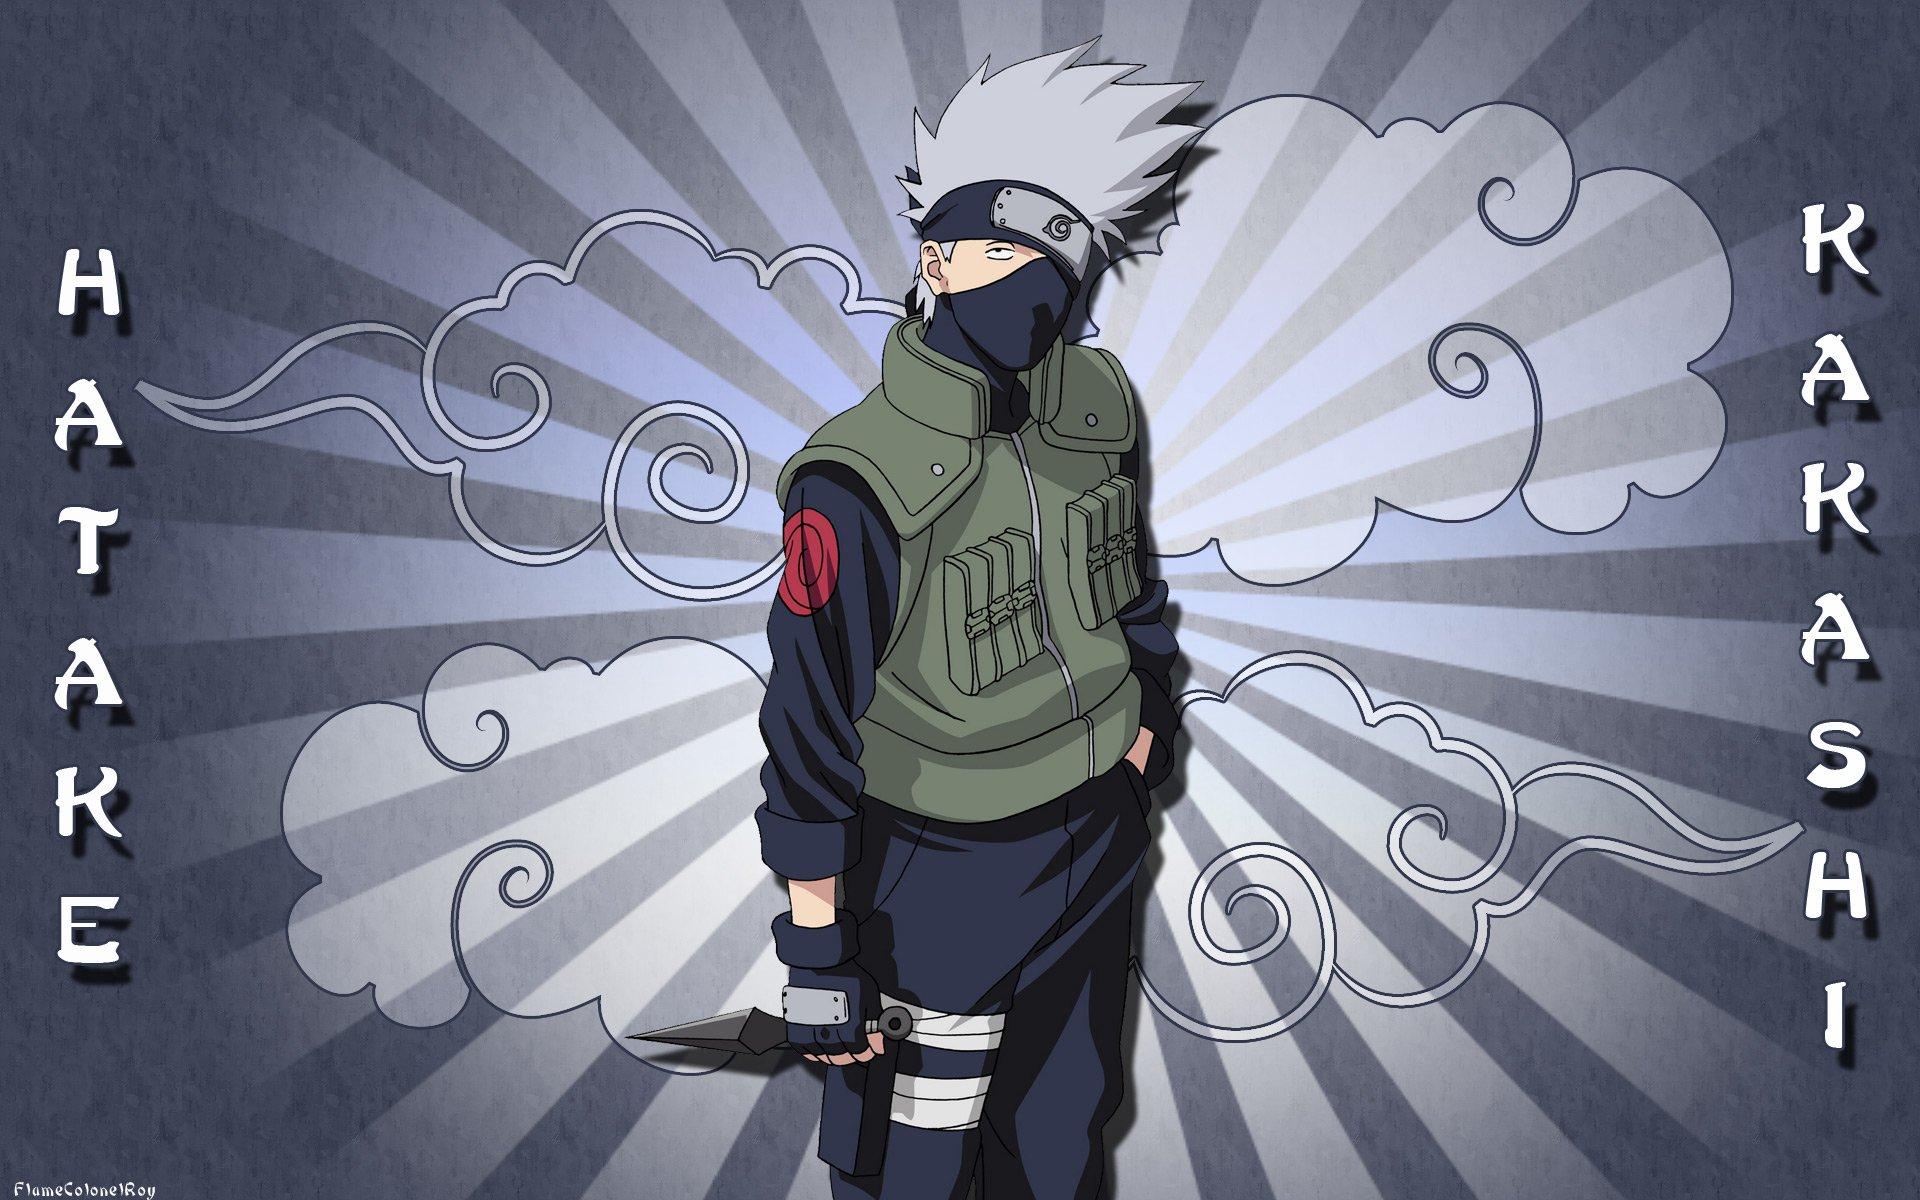 Hd wallpaper kakashi - Anime Naruto Kakashi Hatake Wallpaper